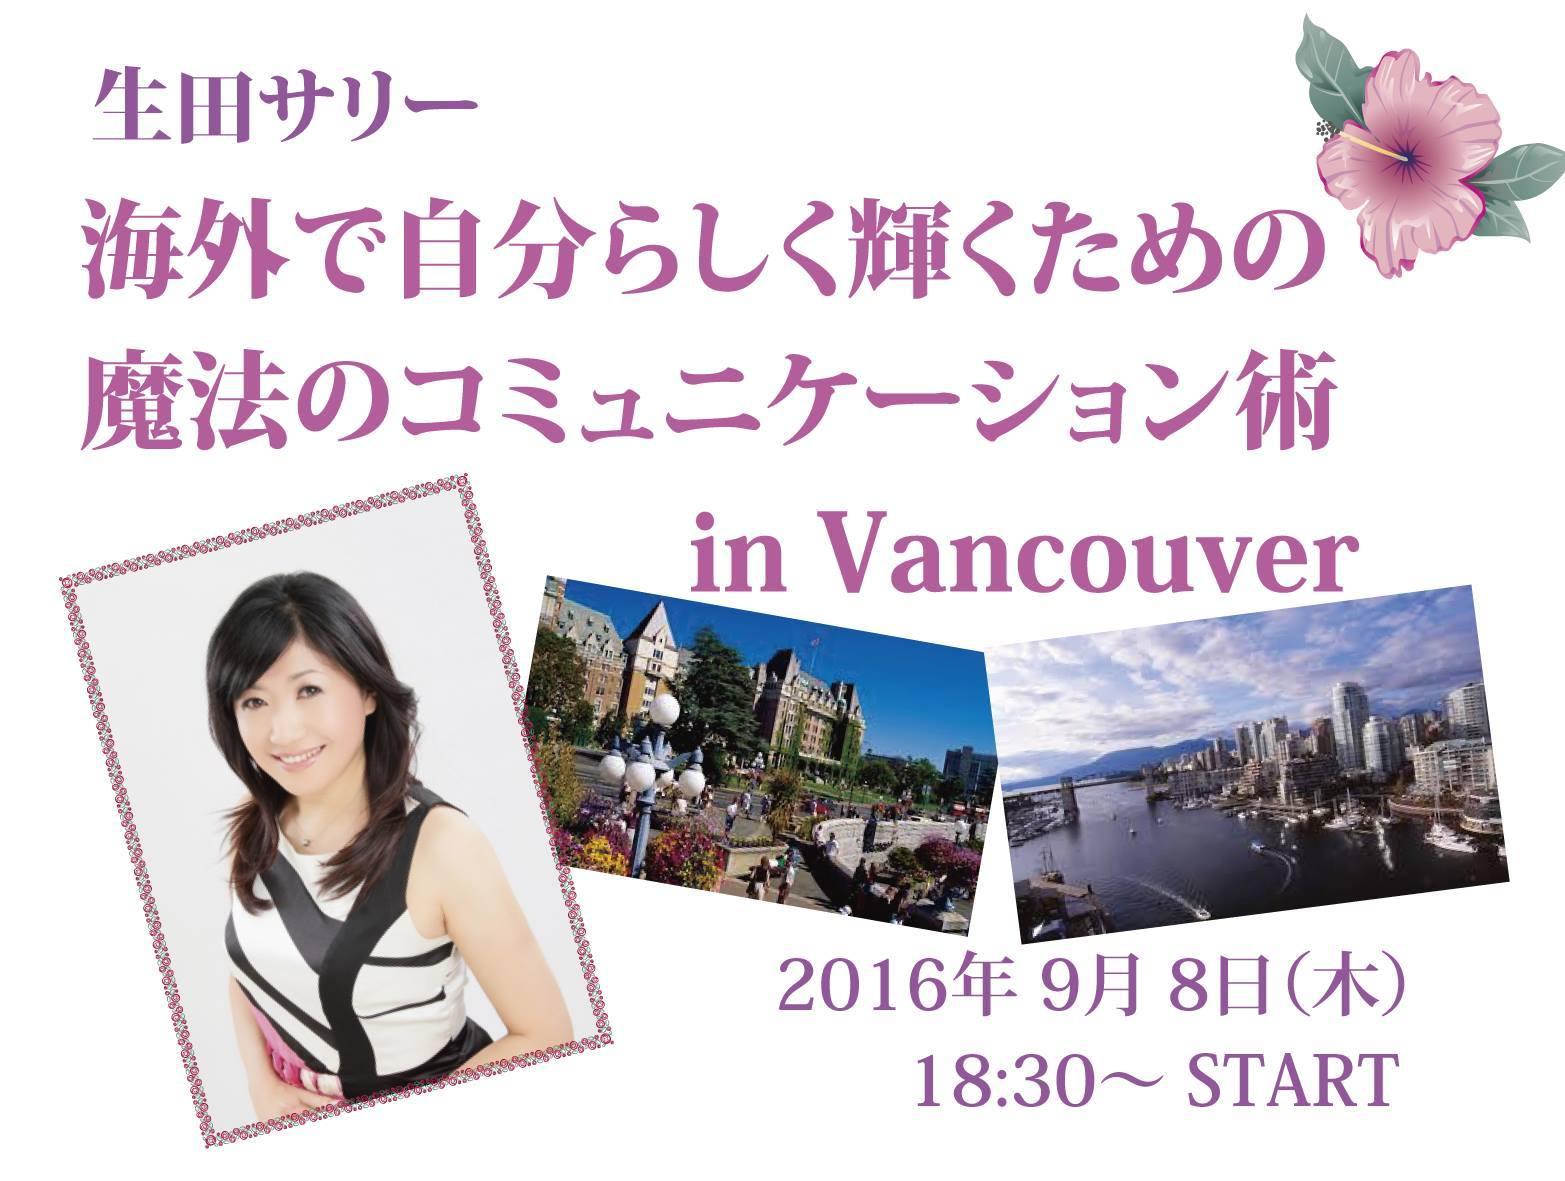 今週、Vancouver(バンクーバー)で講演します!_e0142585_13313128.jpg